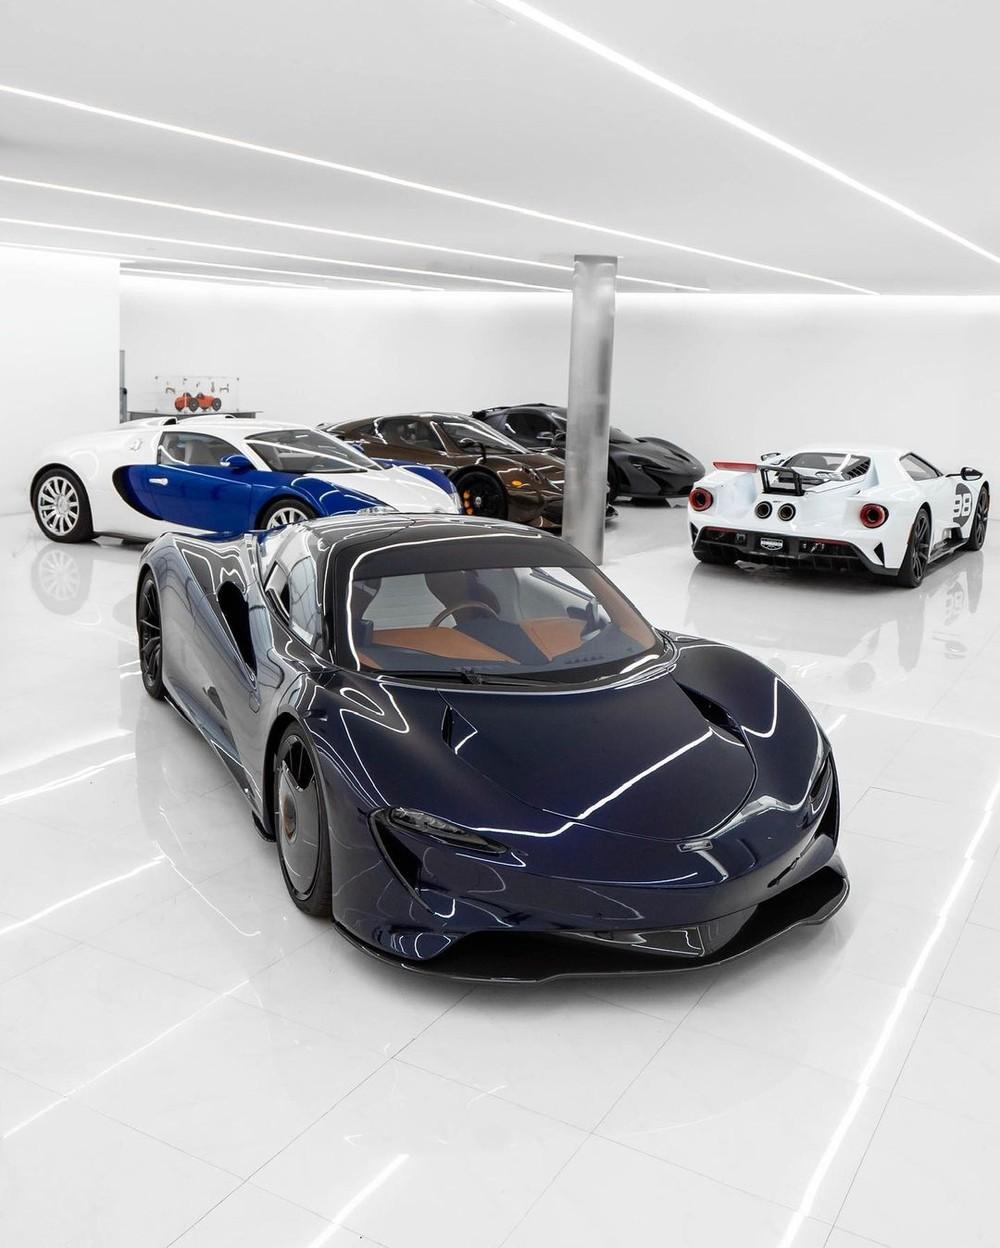 Siêu xe McLaren Speedtail Hermes Edition mới về garage của ông trùm nhà đất